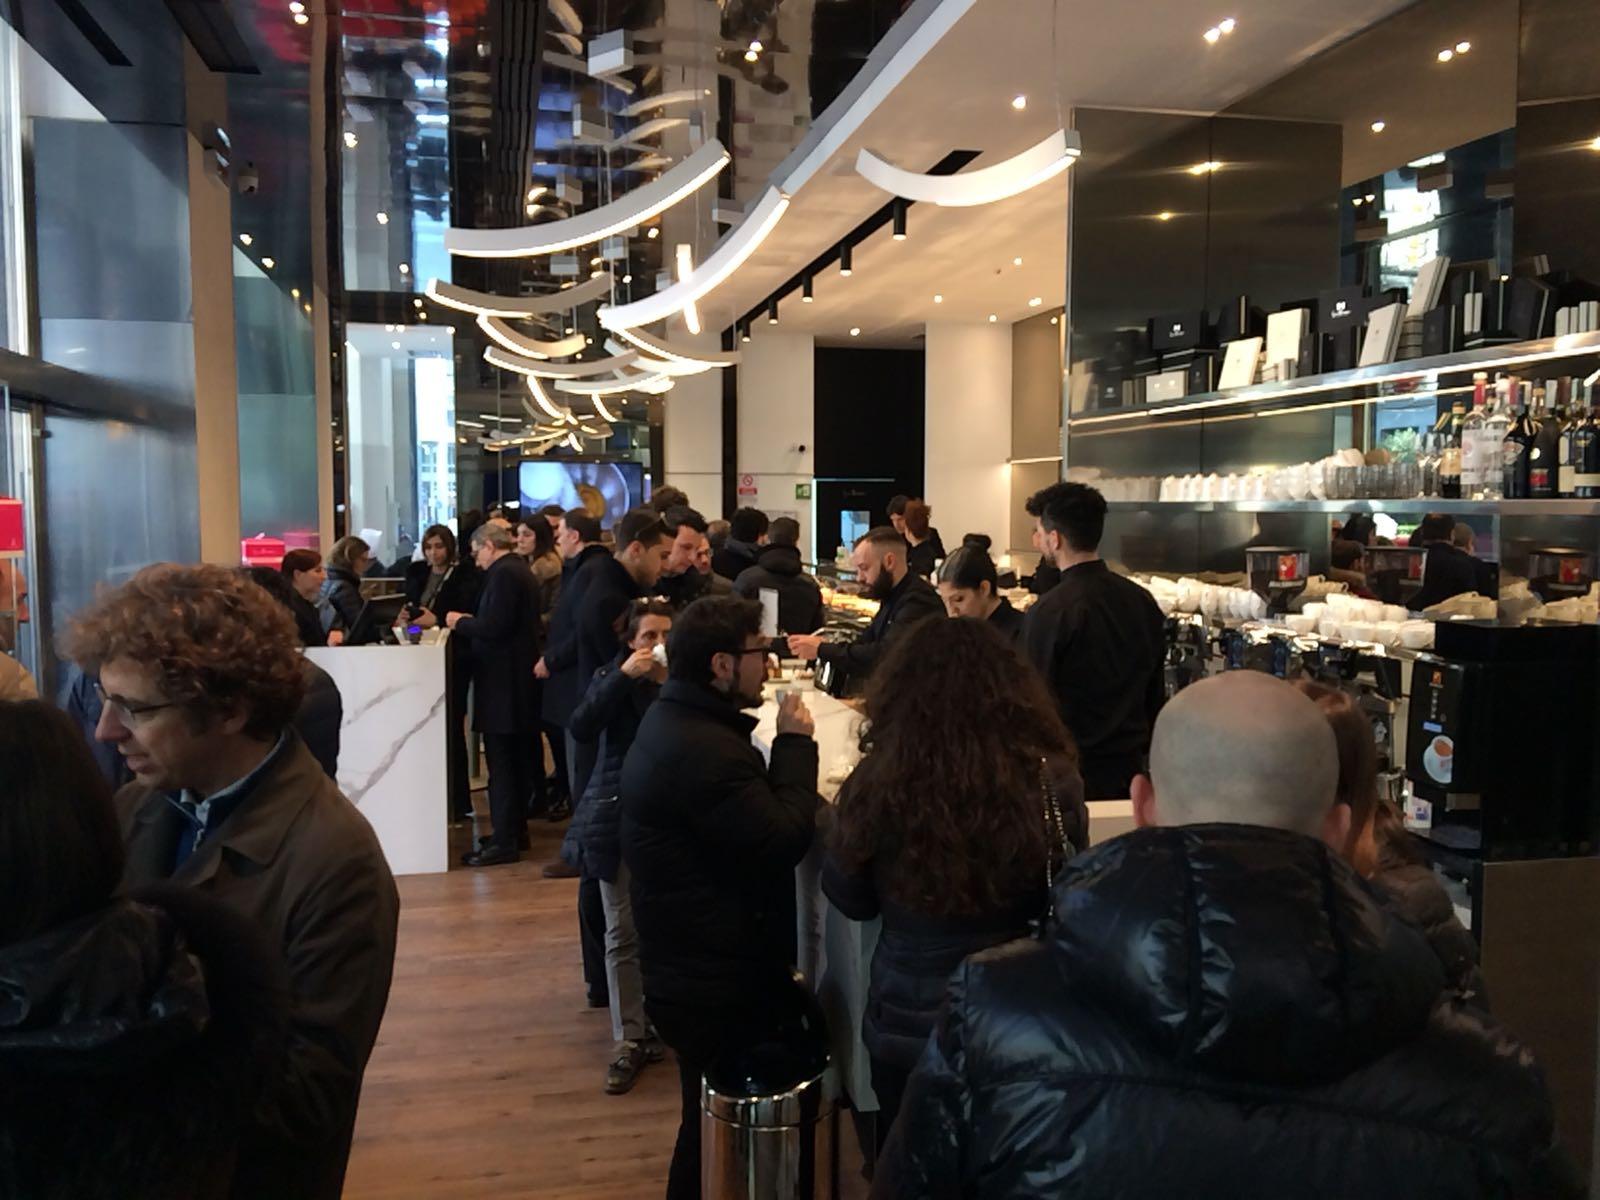 Milano dolci e prezzi della pasticceria che iginio for Uffici temporanei milano prezzi